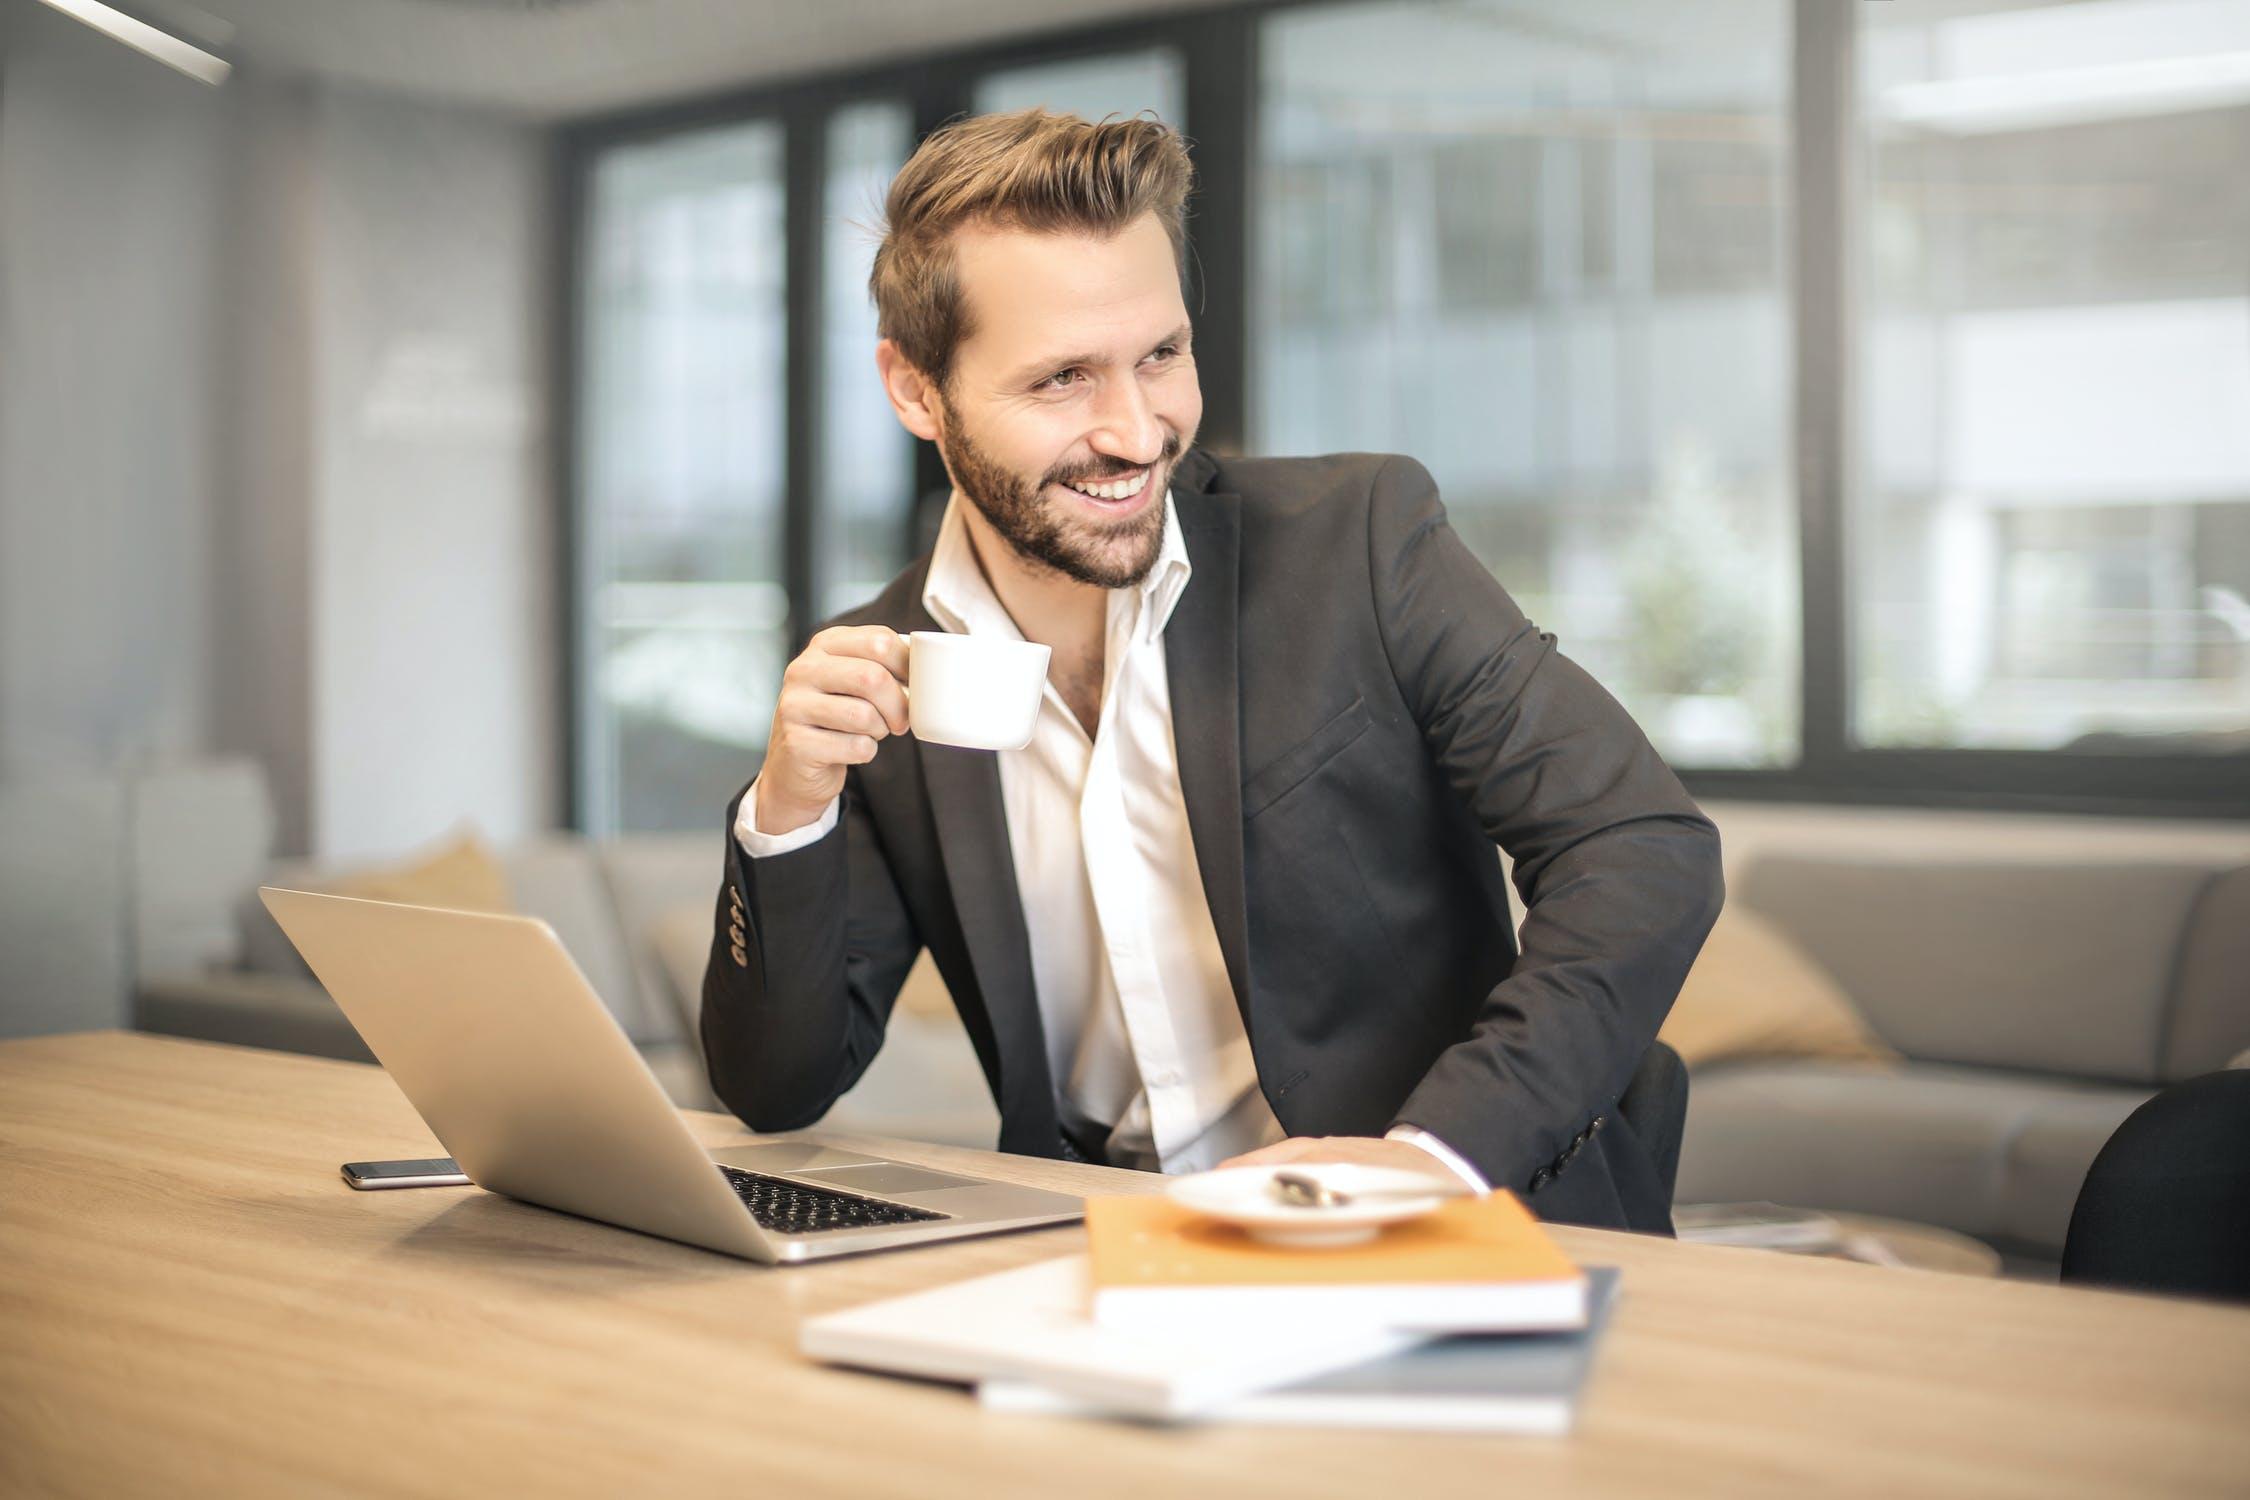 【男性保育士×異業種】一般企業への転職!おすすめの転職先5選